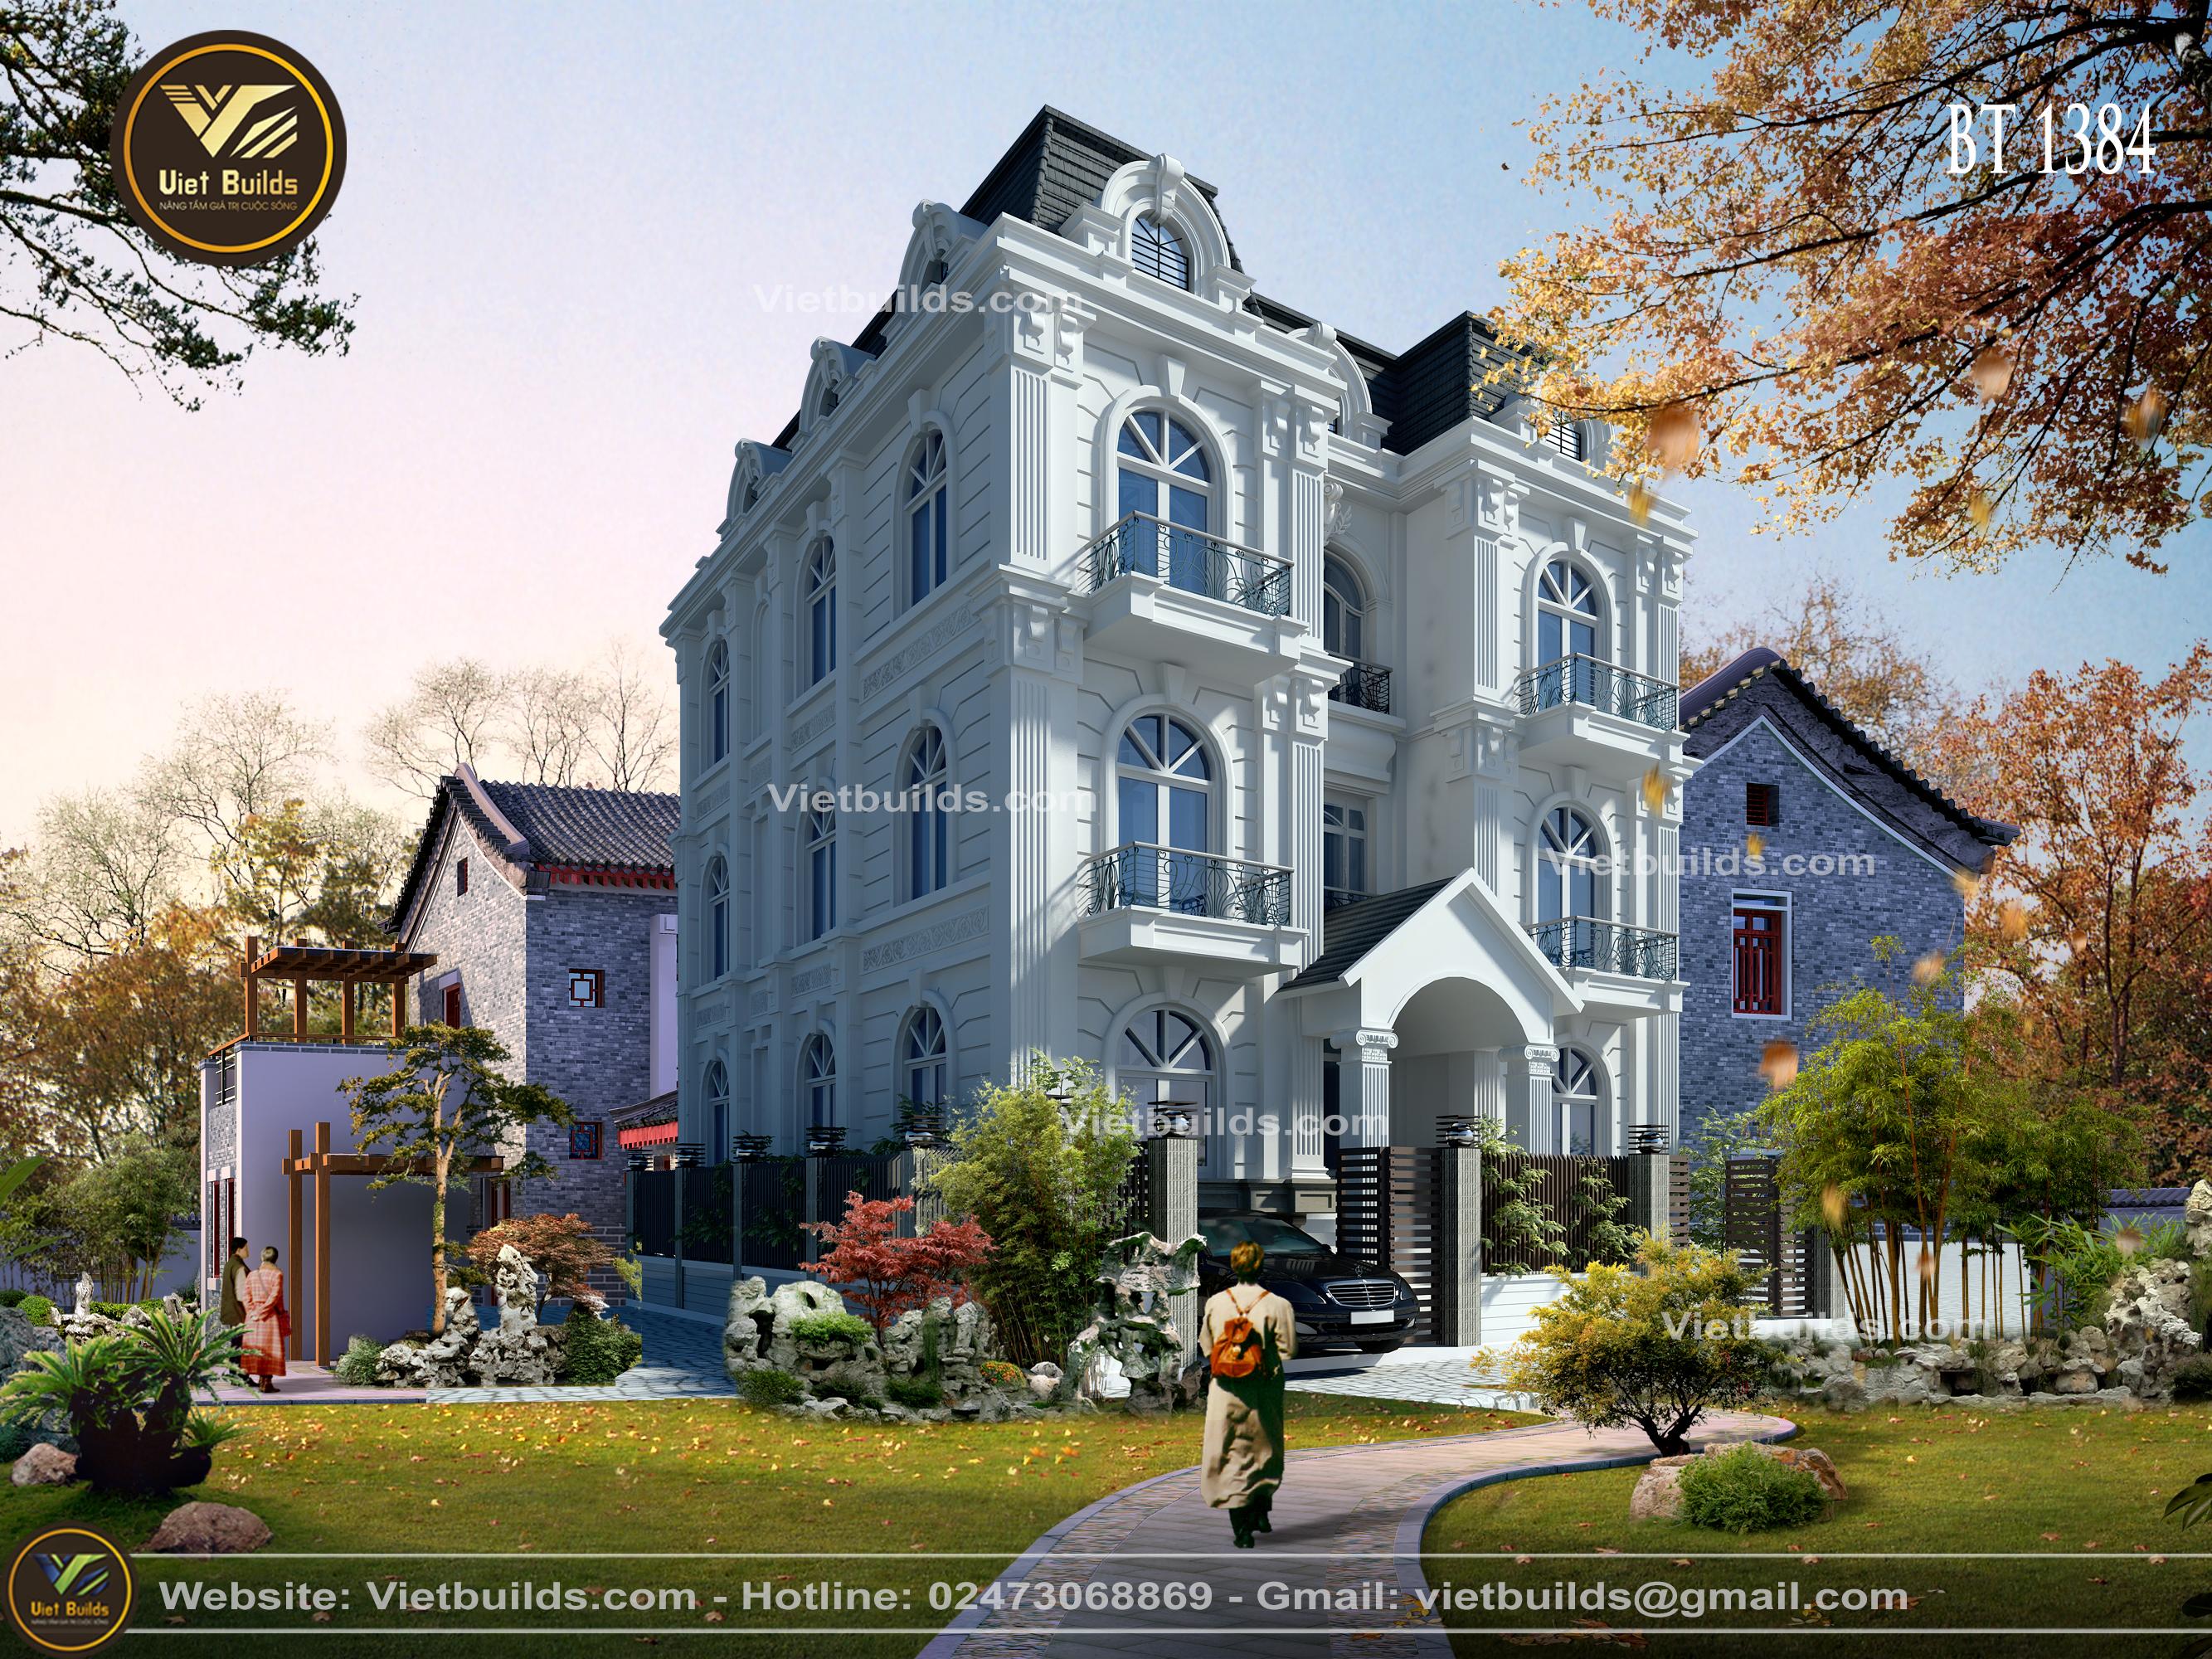 Mẫu thiết kế biệt thự Pháp tân cổ điển đẹp BT1384